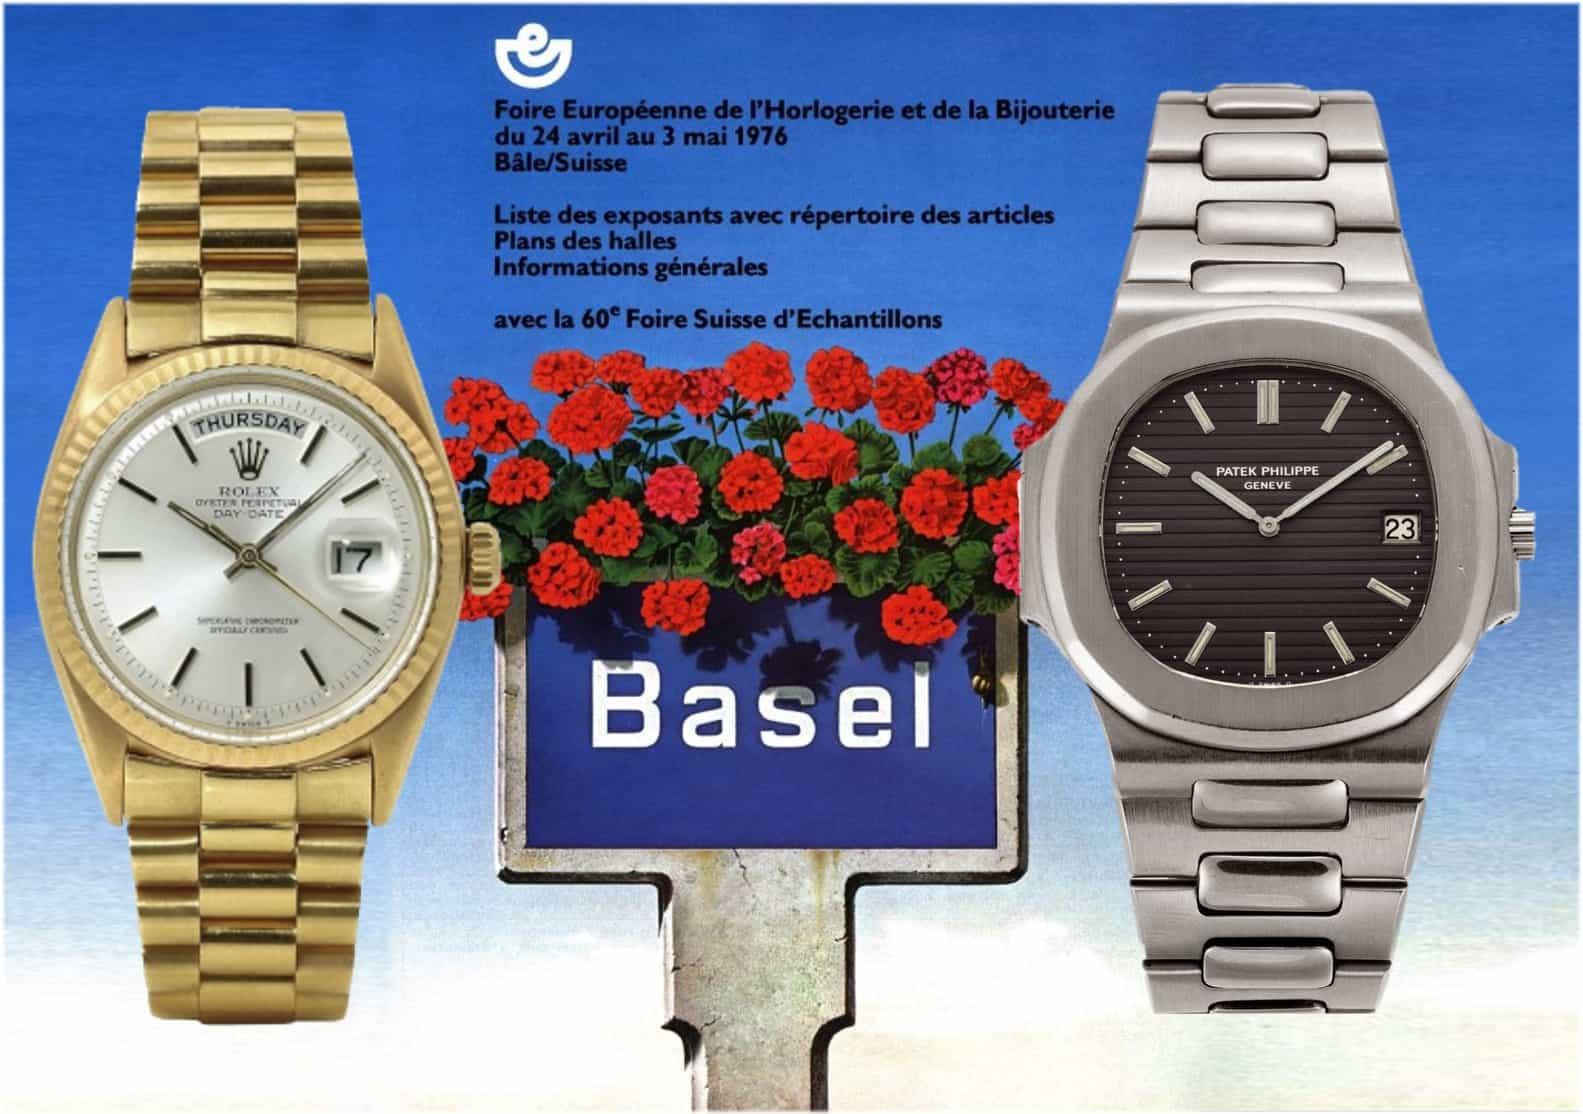 Rolex Day-Date und Patek Philippe Nautilus die im Jahr 1976 vorgestellt wurden